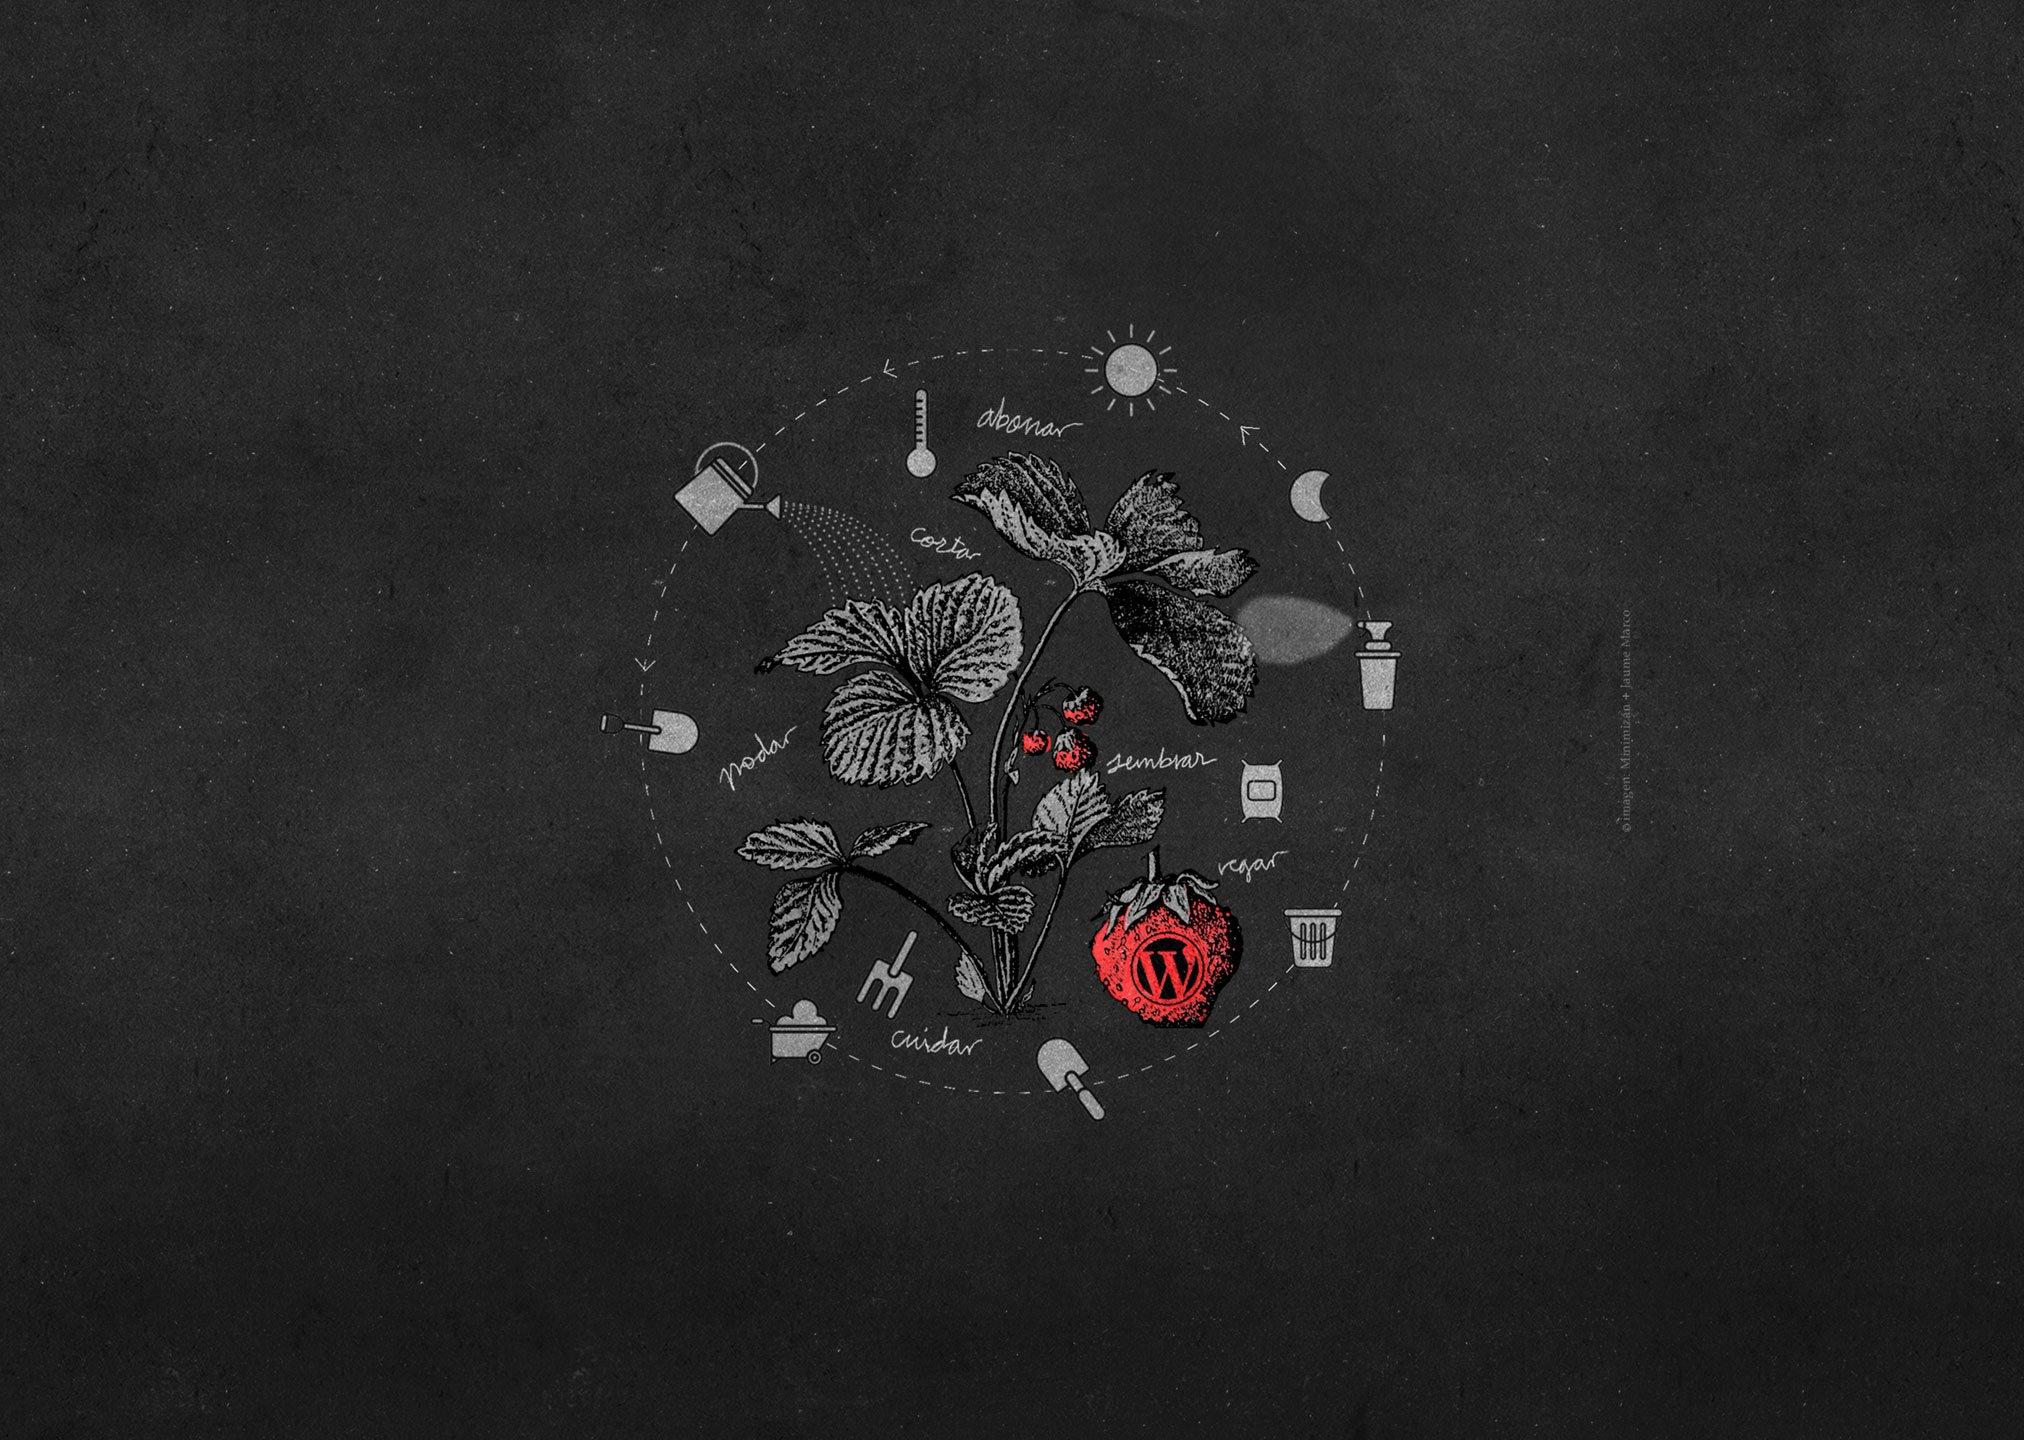 imagen de planta creciendo representando servico programación en WordPress